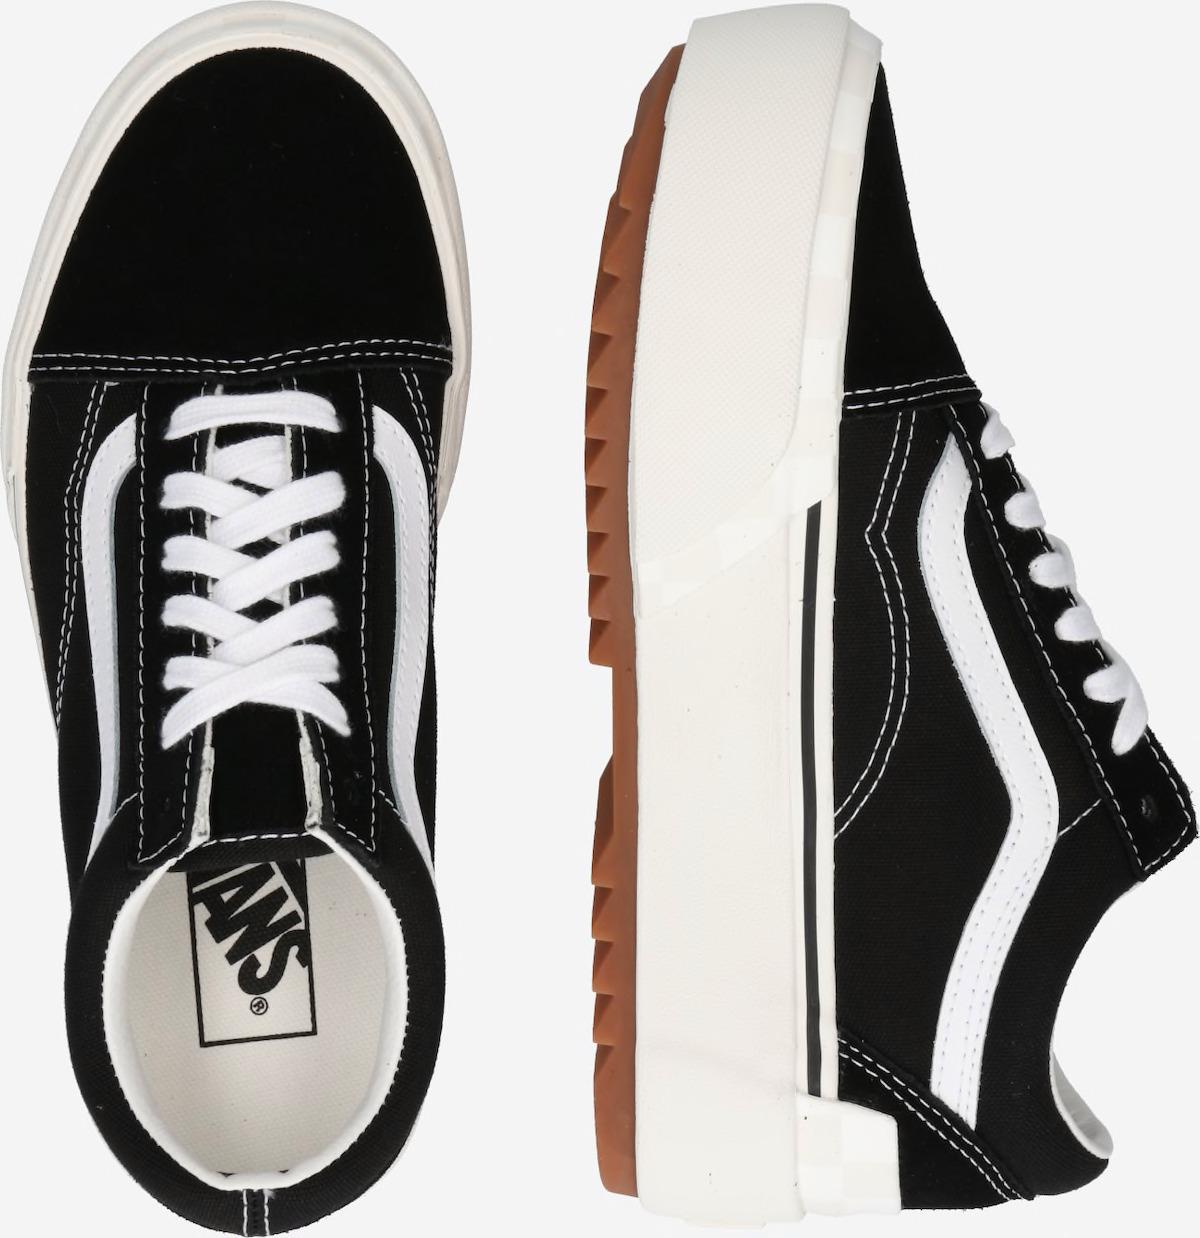 Zapatillas deportivas bajas 'UA Old Skool Stacked'